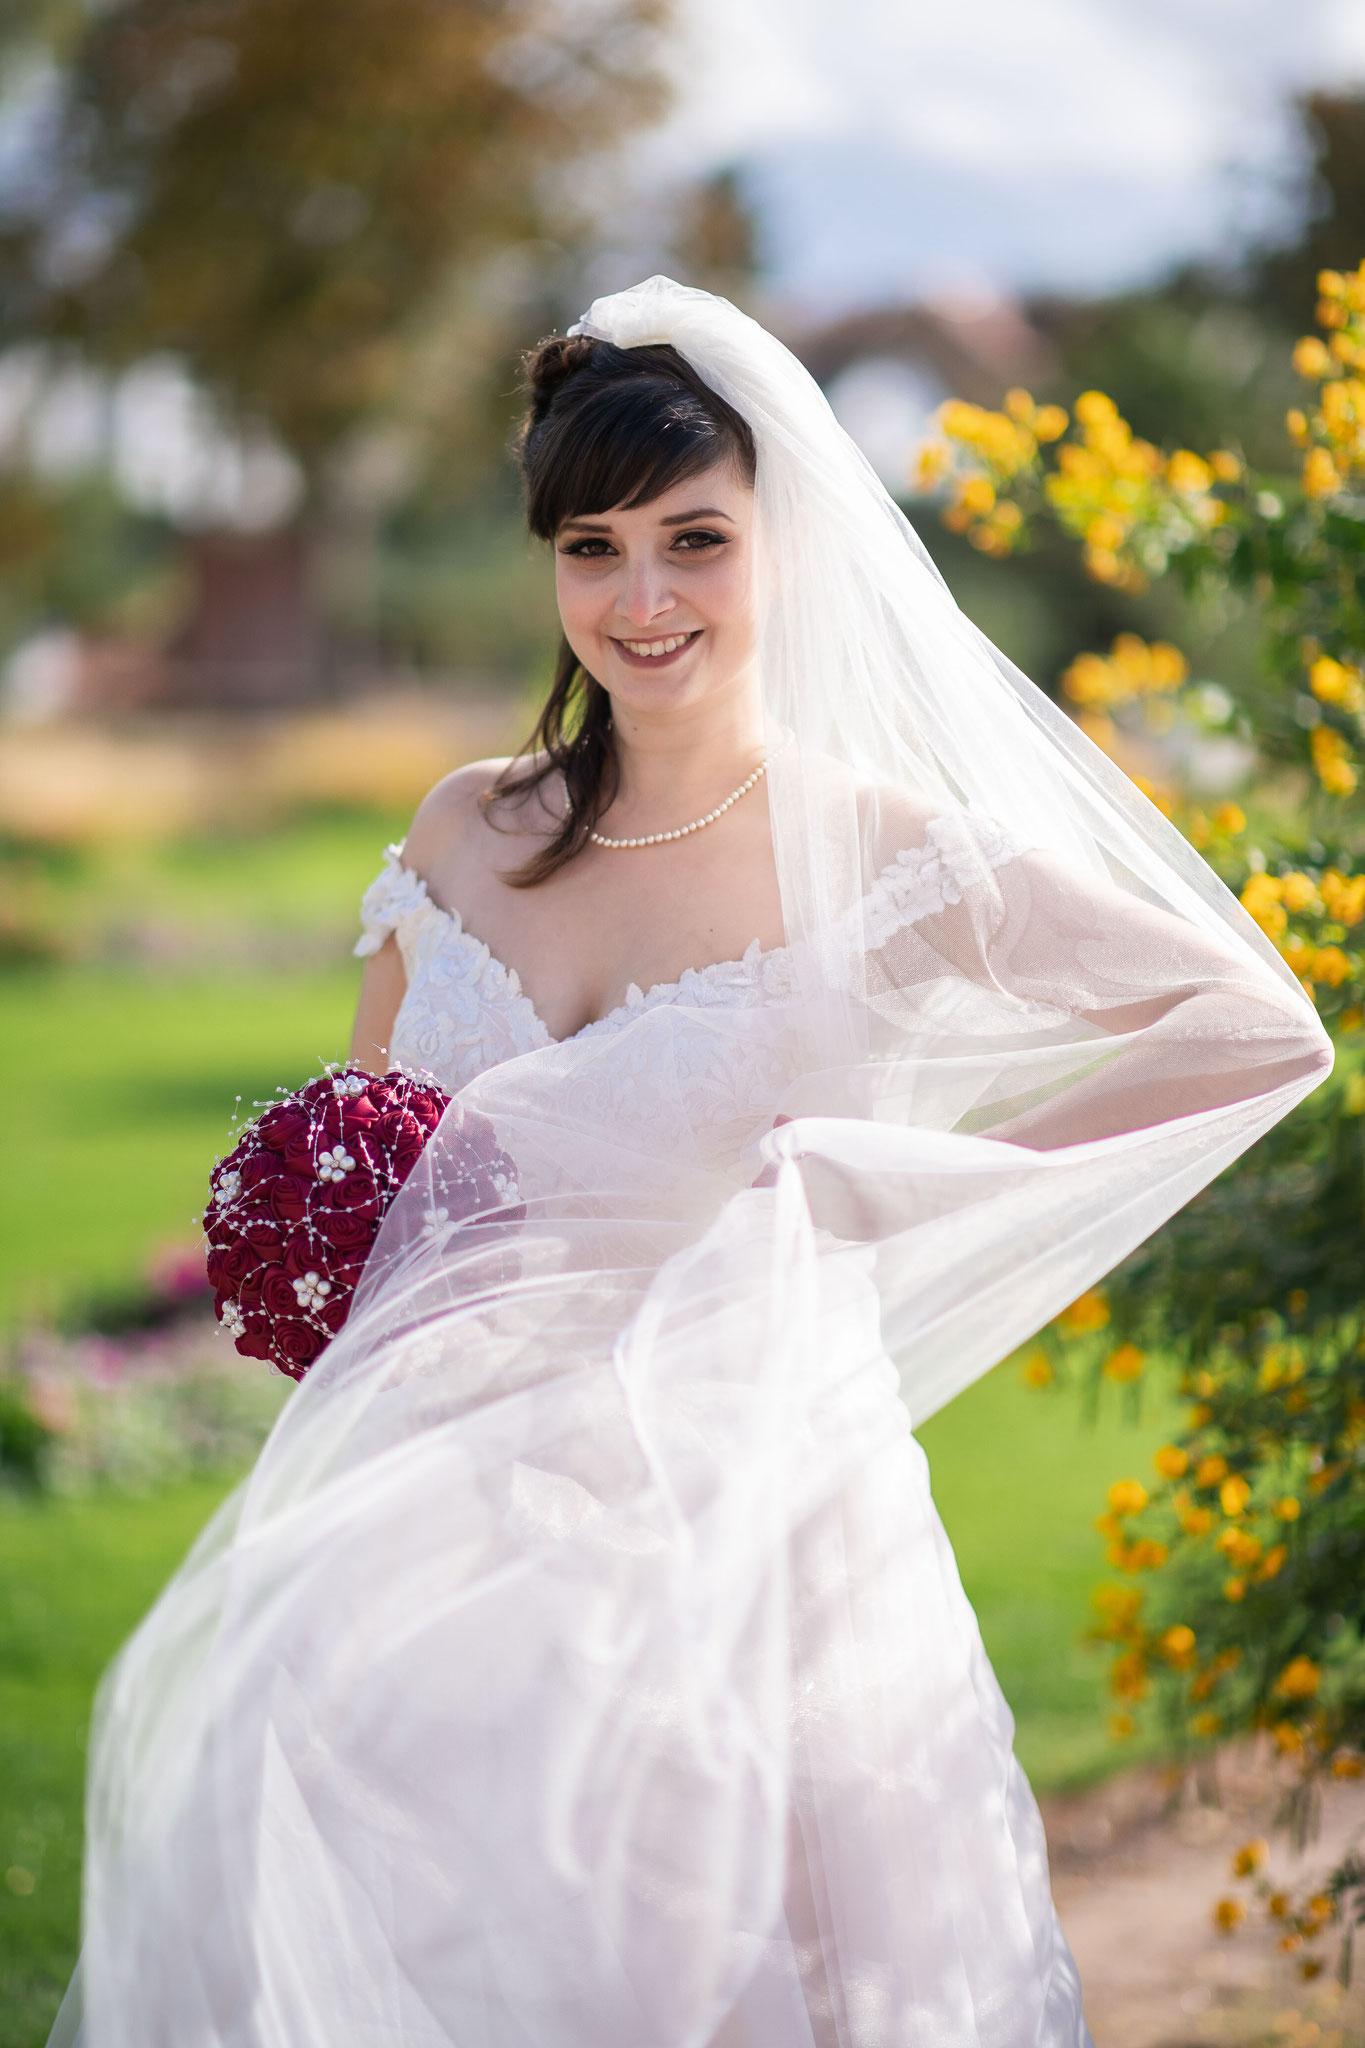 Aufnahmen mit der Braut oder dem Bräutigam alleine